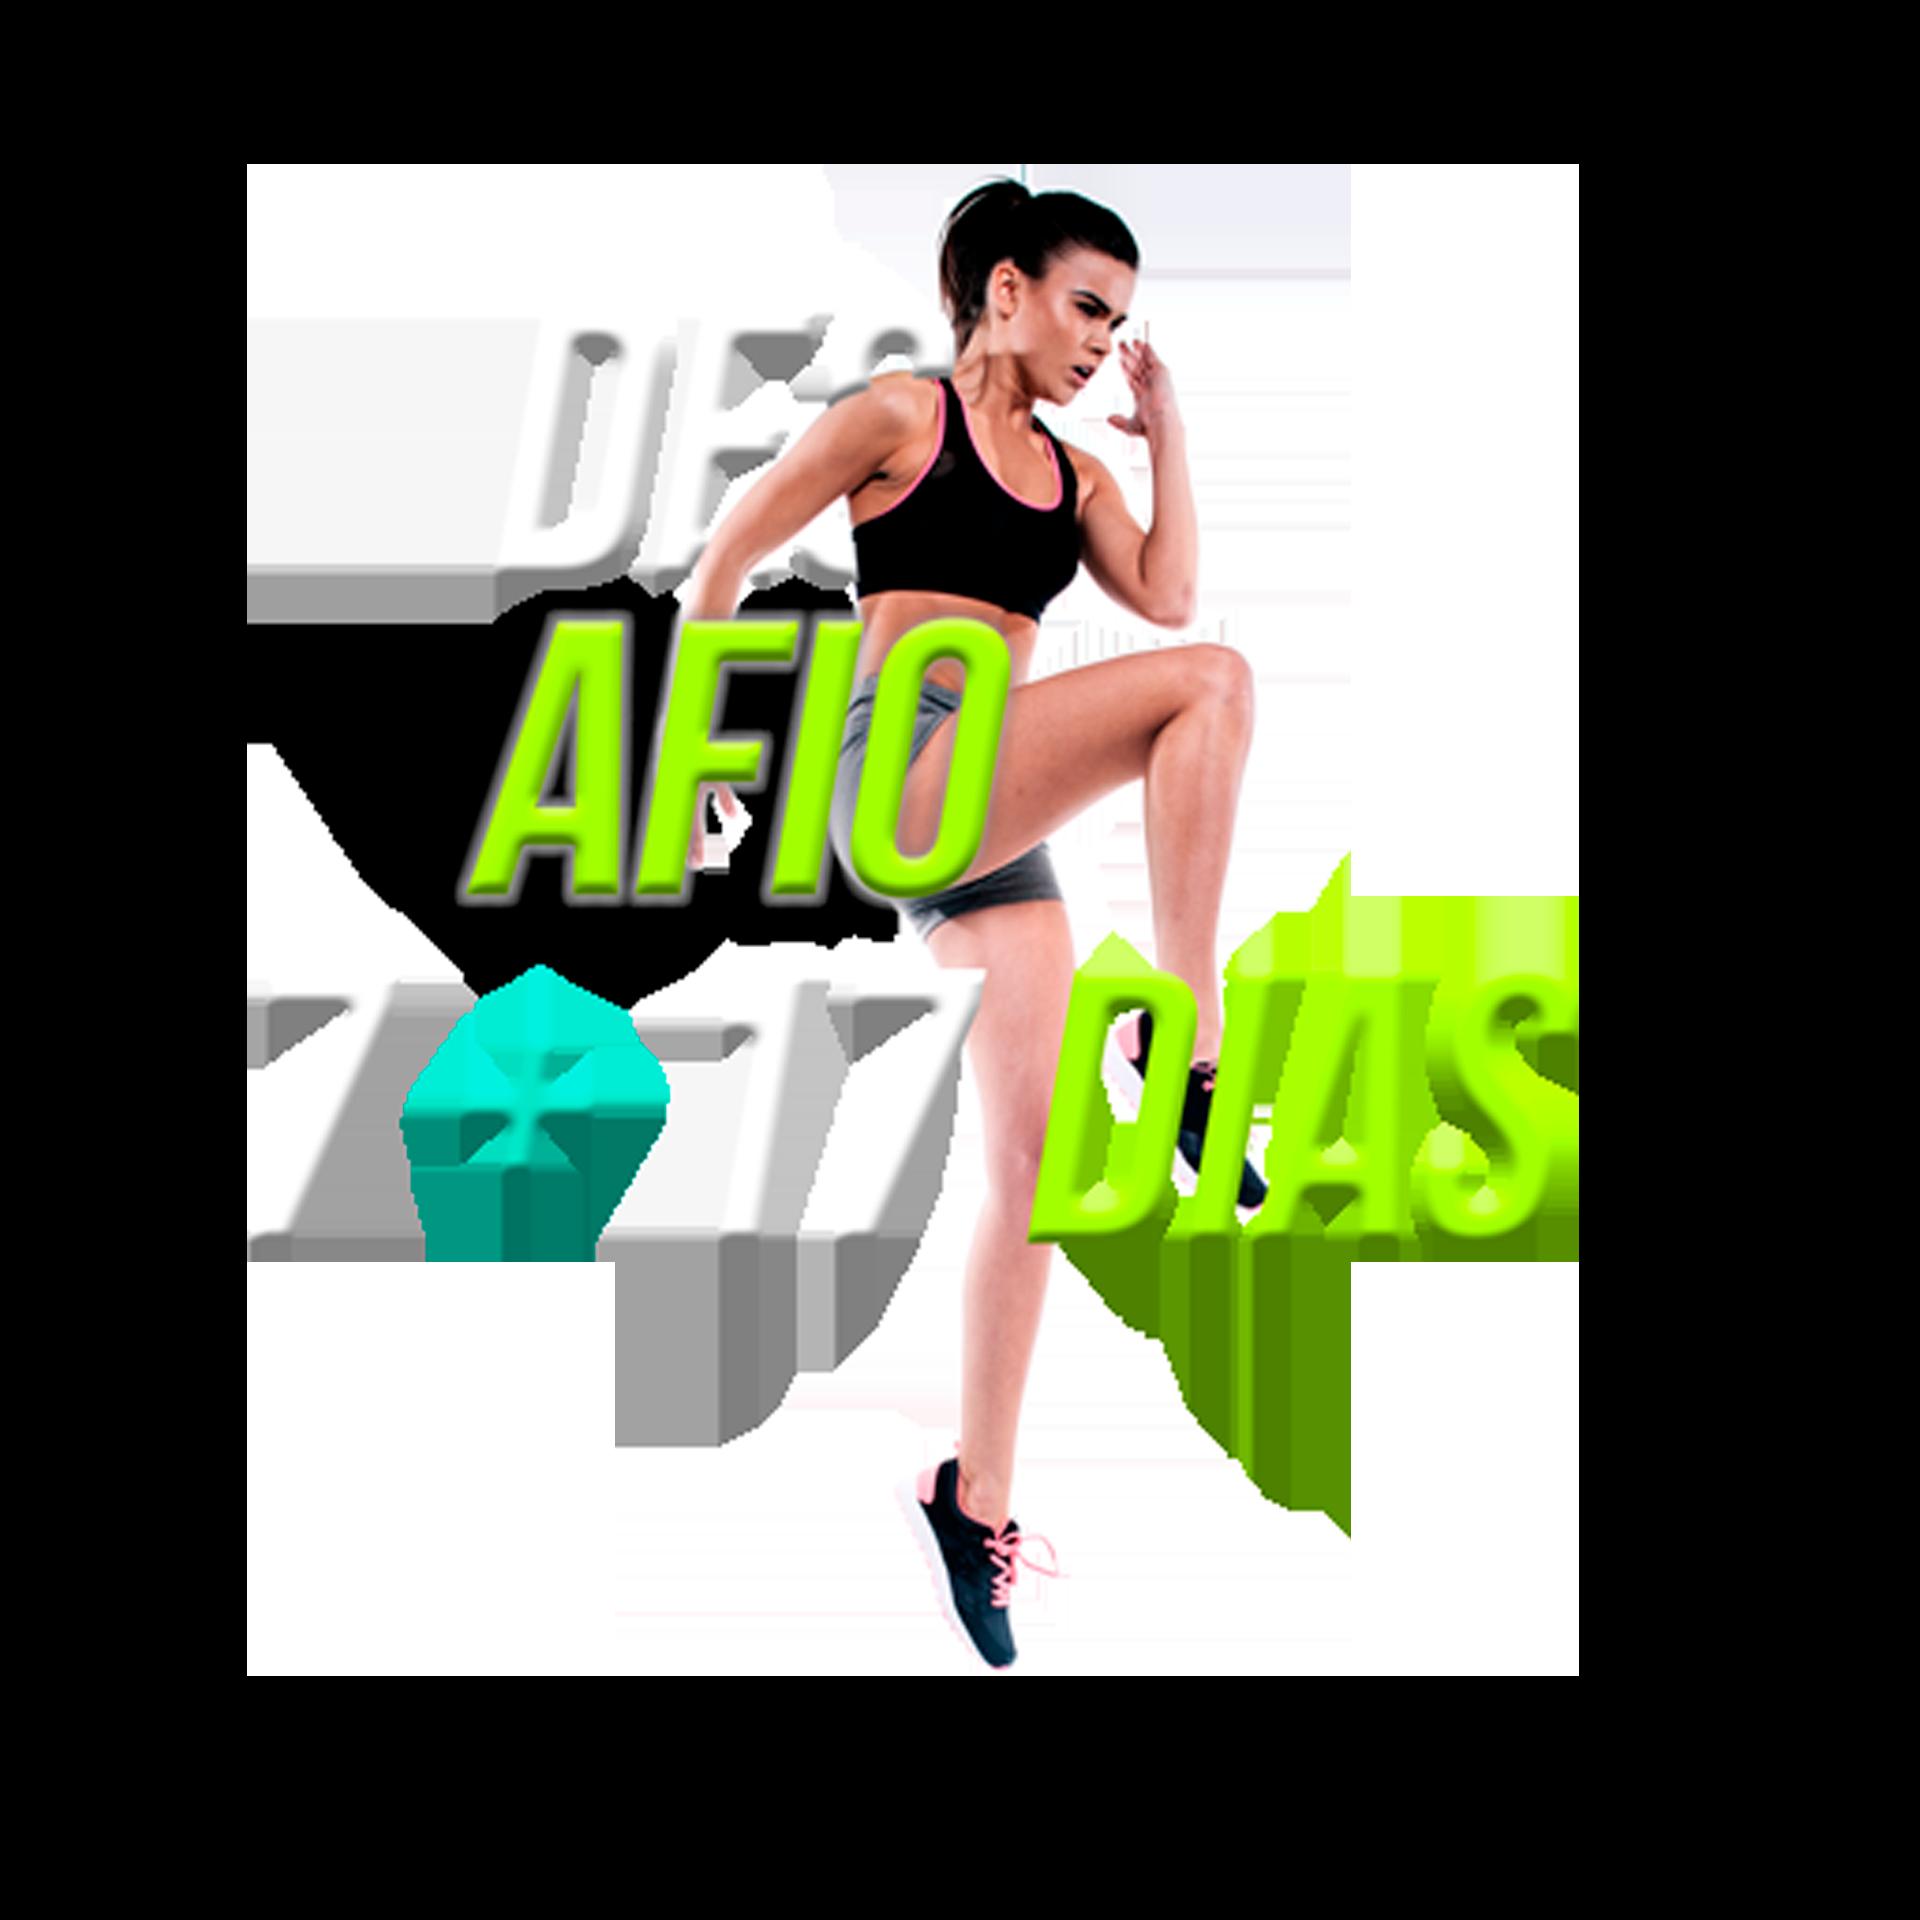 Desafio 7 Detox 17 dias